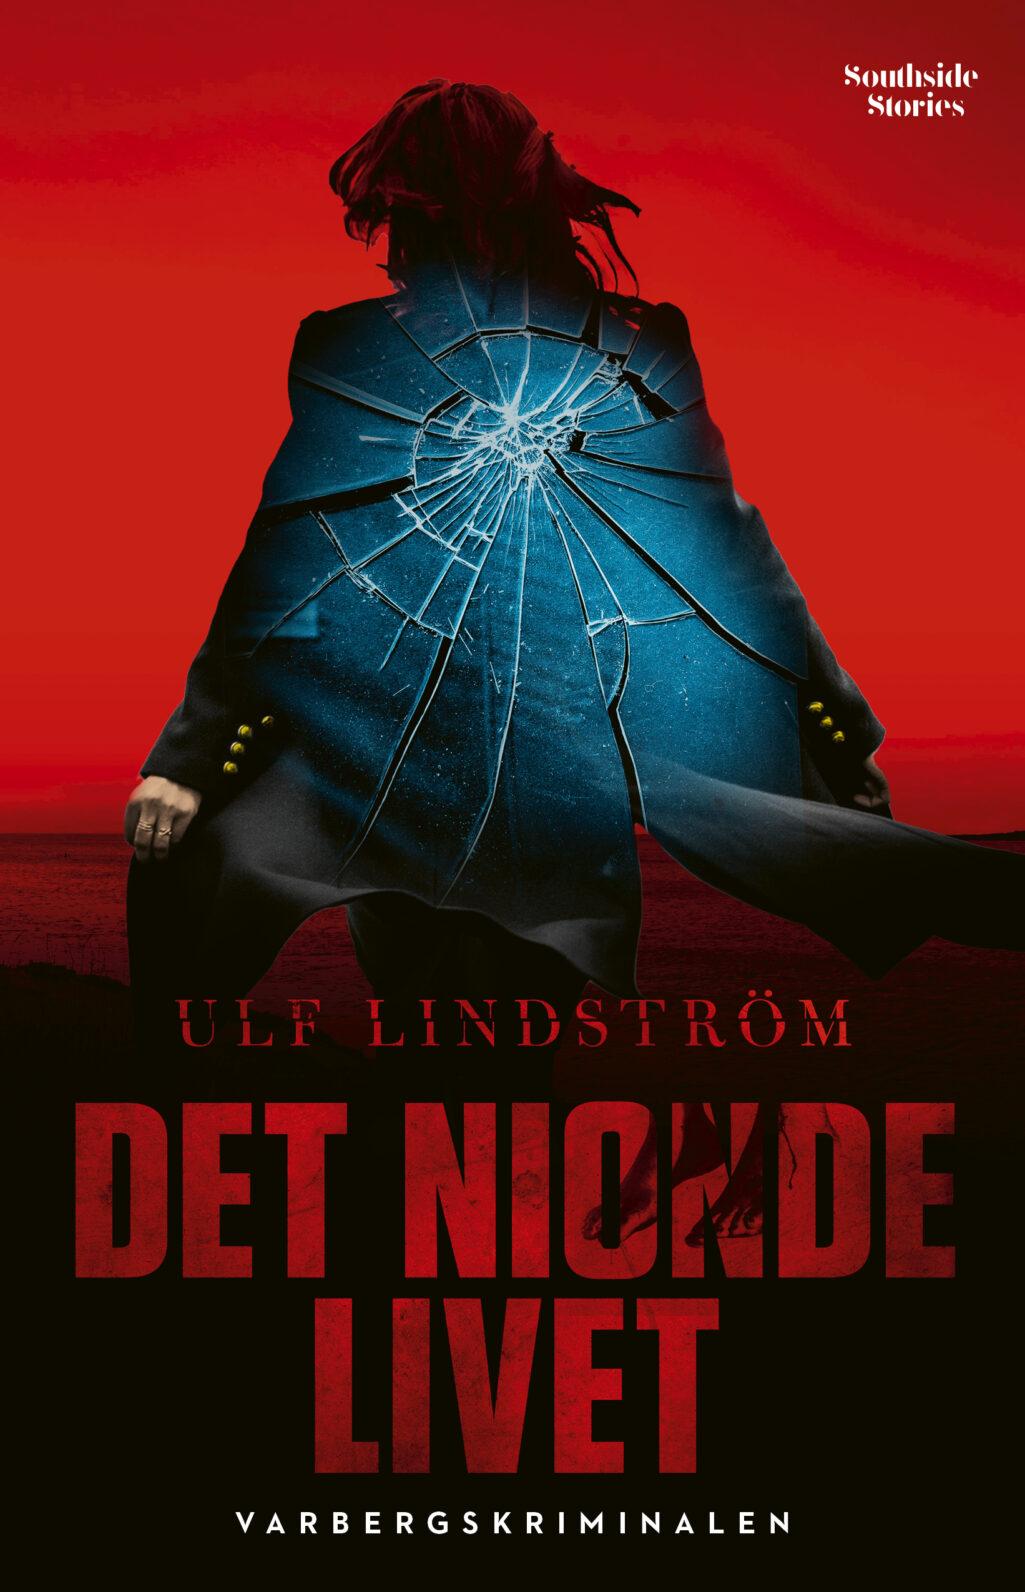 southside_lindstrom_det_nionde_livet_front